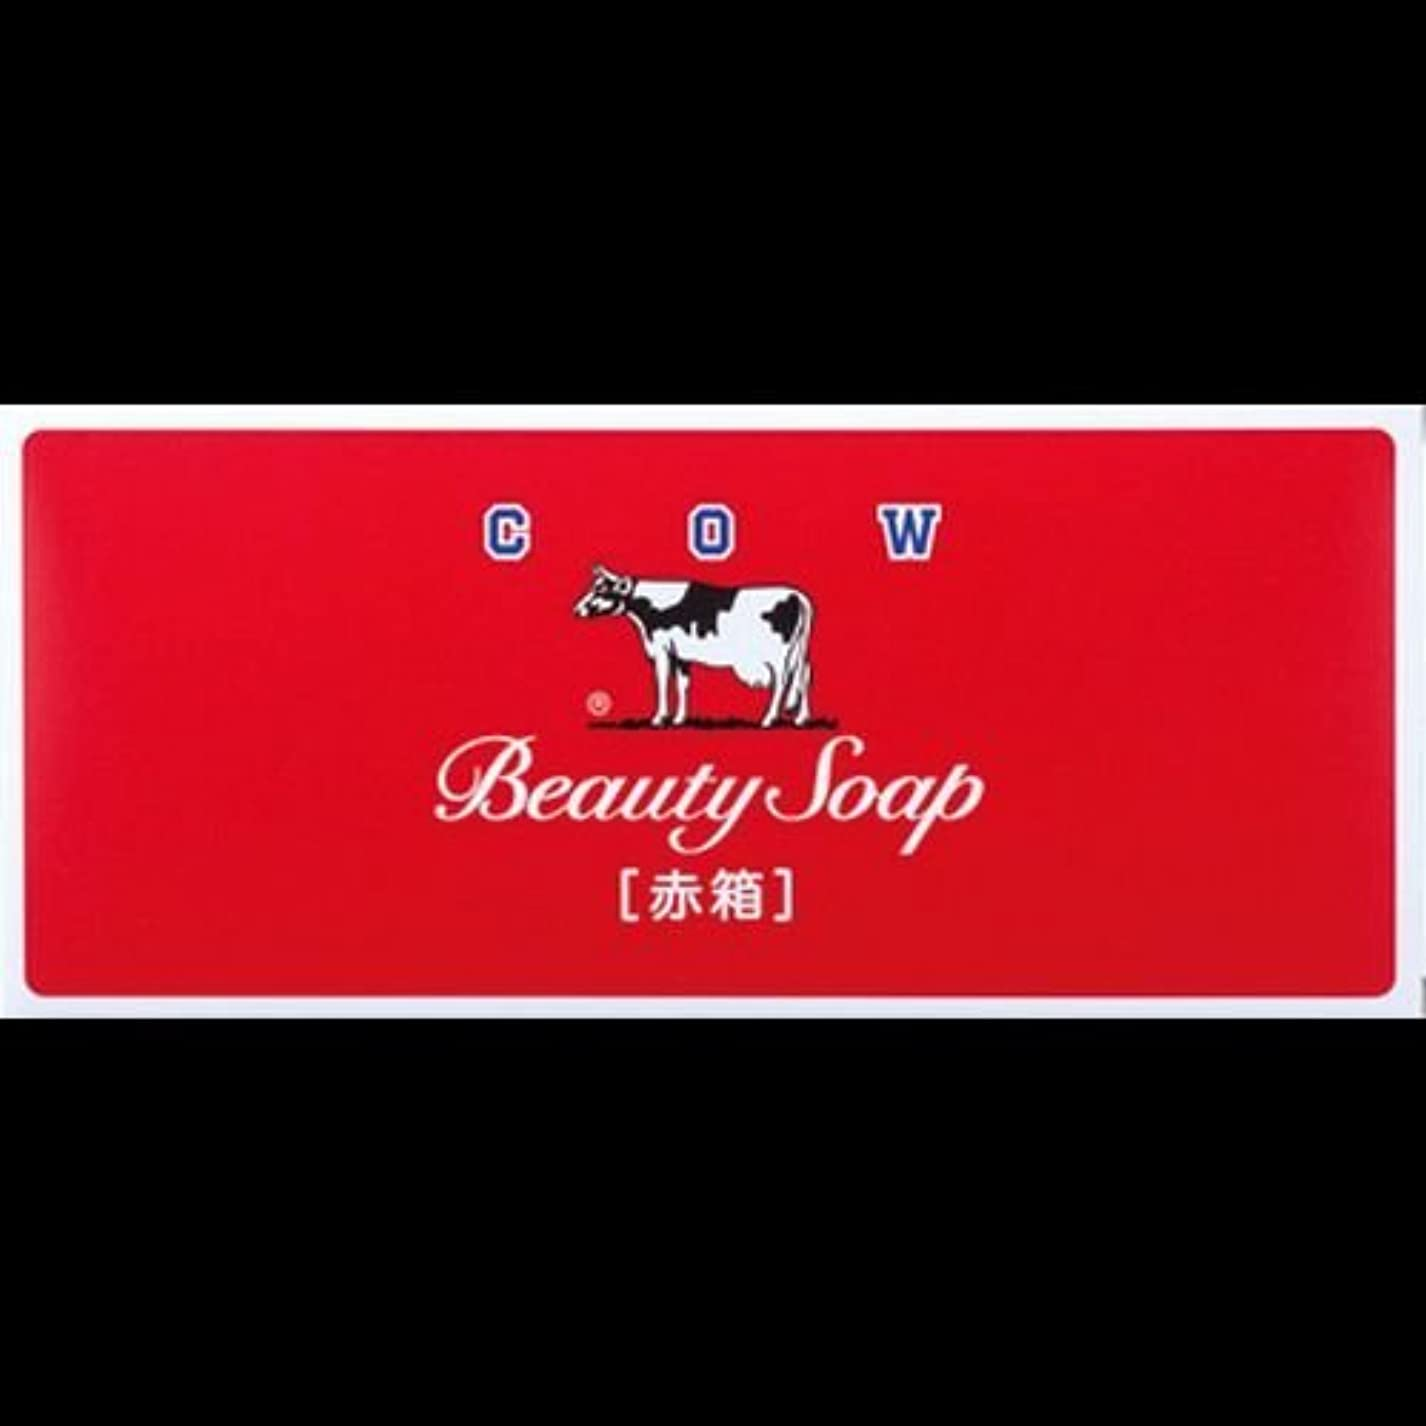 説得先行する拘束する【まとめ買い】カウブランド石鹸 赤箱100g*6個 ×2セット